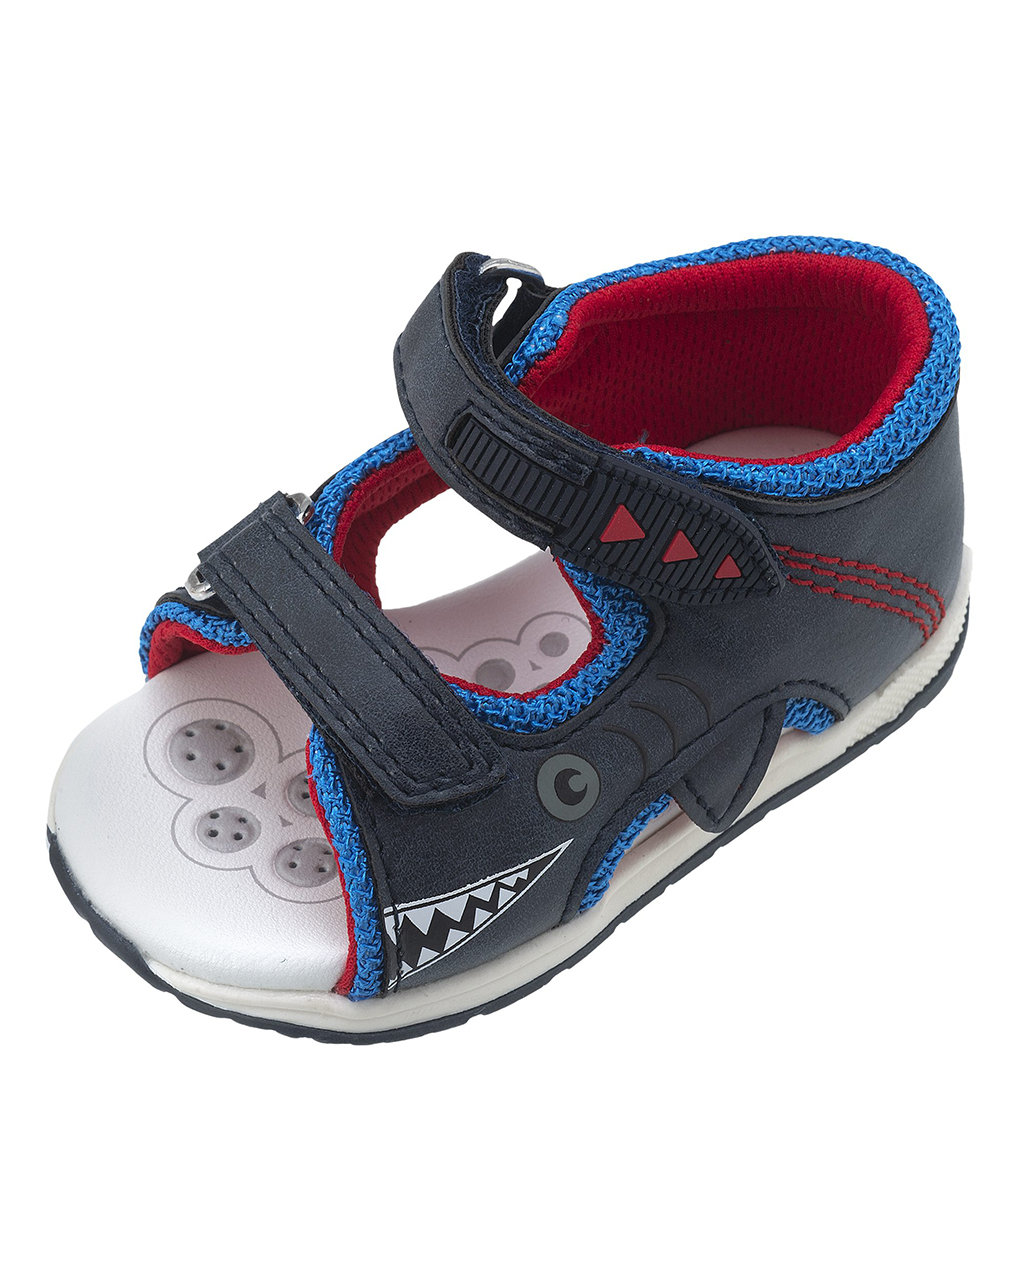 Sandalo maschio galoxy - Chicco